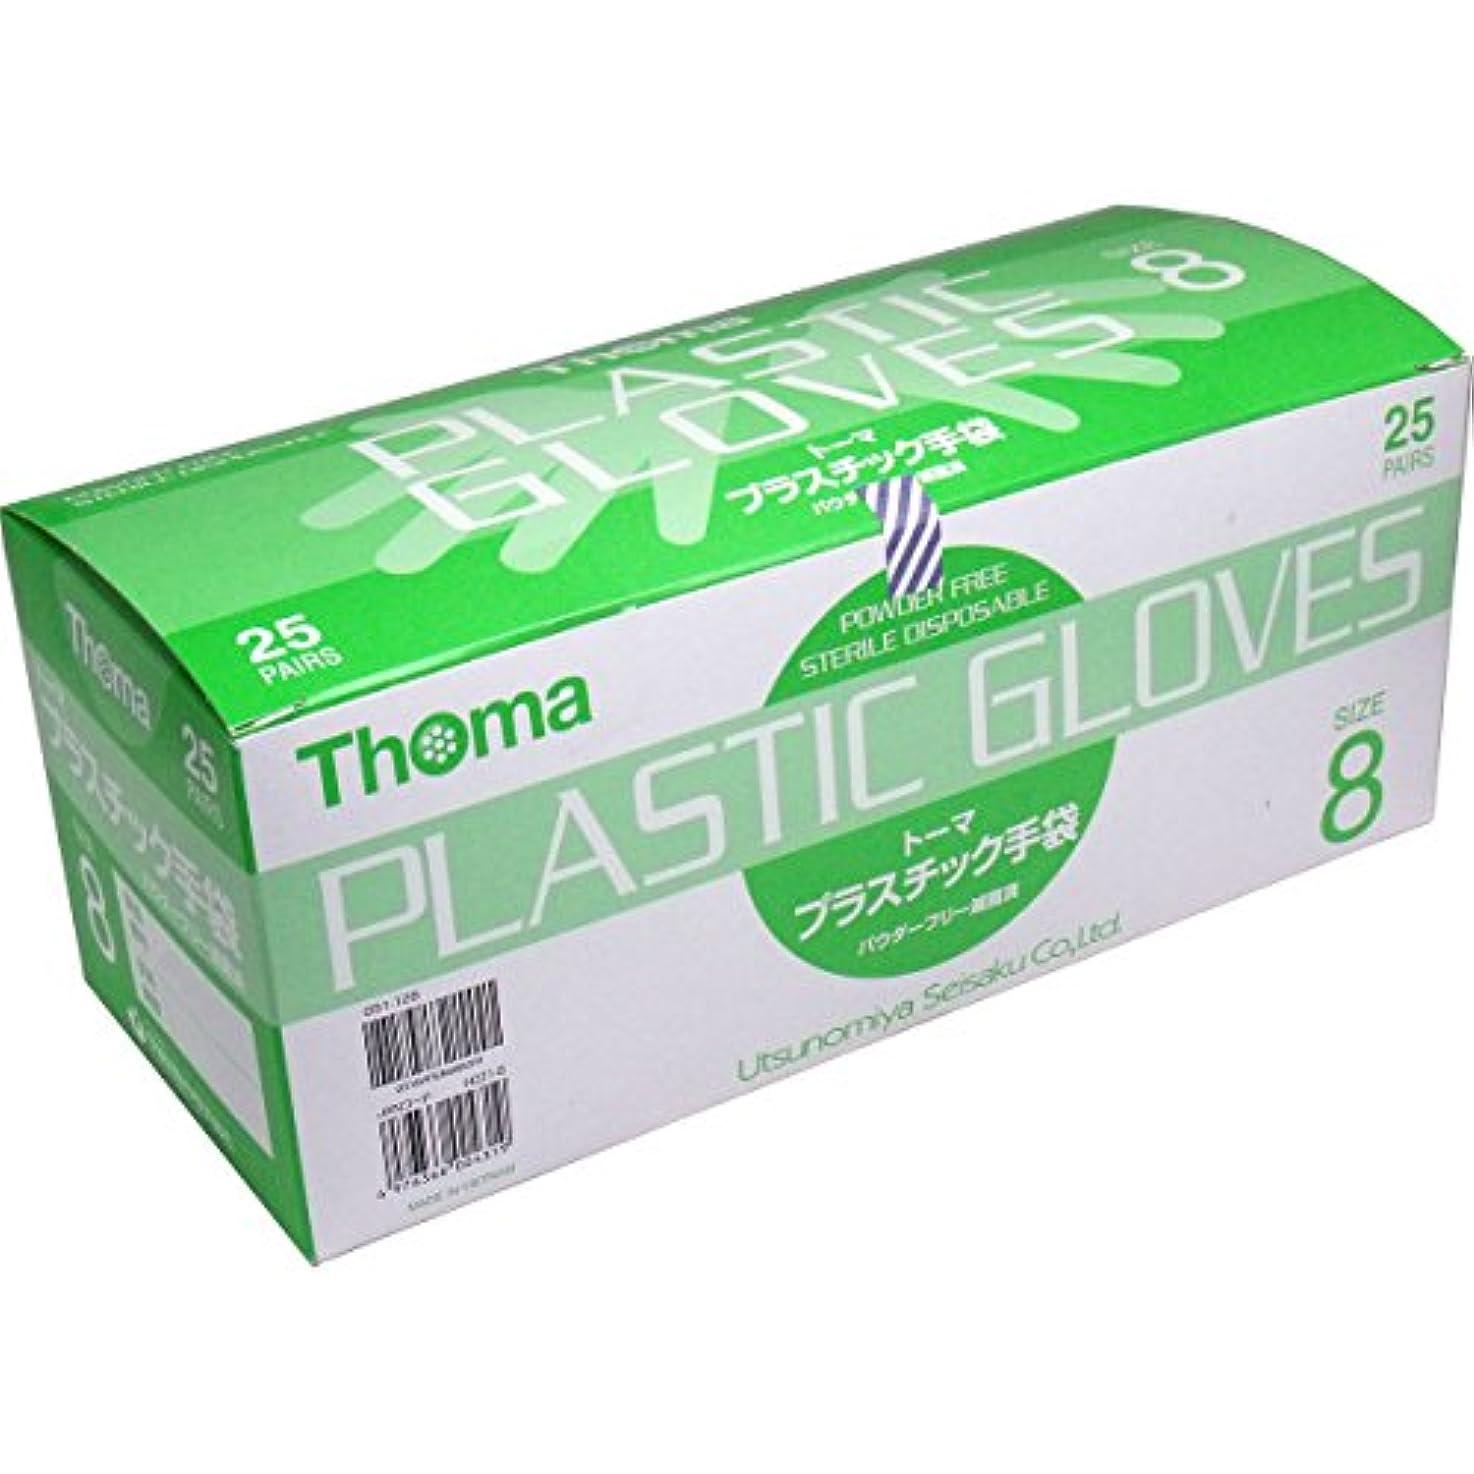 誤解十一粘着性ポリ塩化ビニル製 手袋 1双毎に滅菌包装、衛生的 人気商品 トーマ プラスチック手袋 パウダーフリー滅菌済 25双入 サイズ8